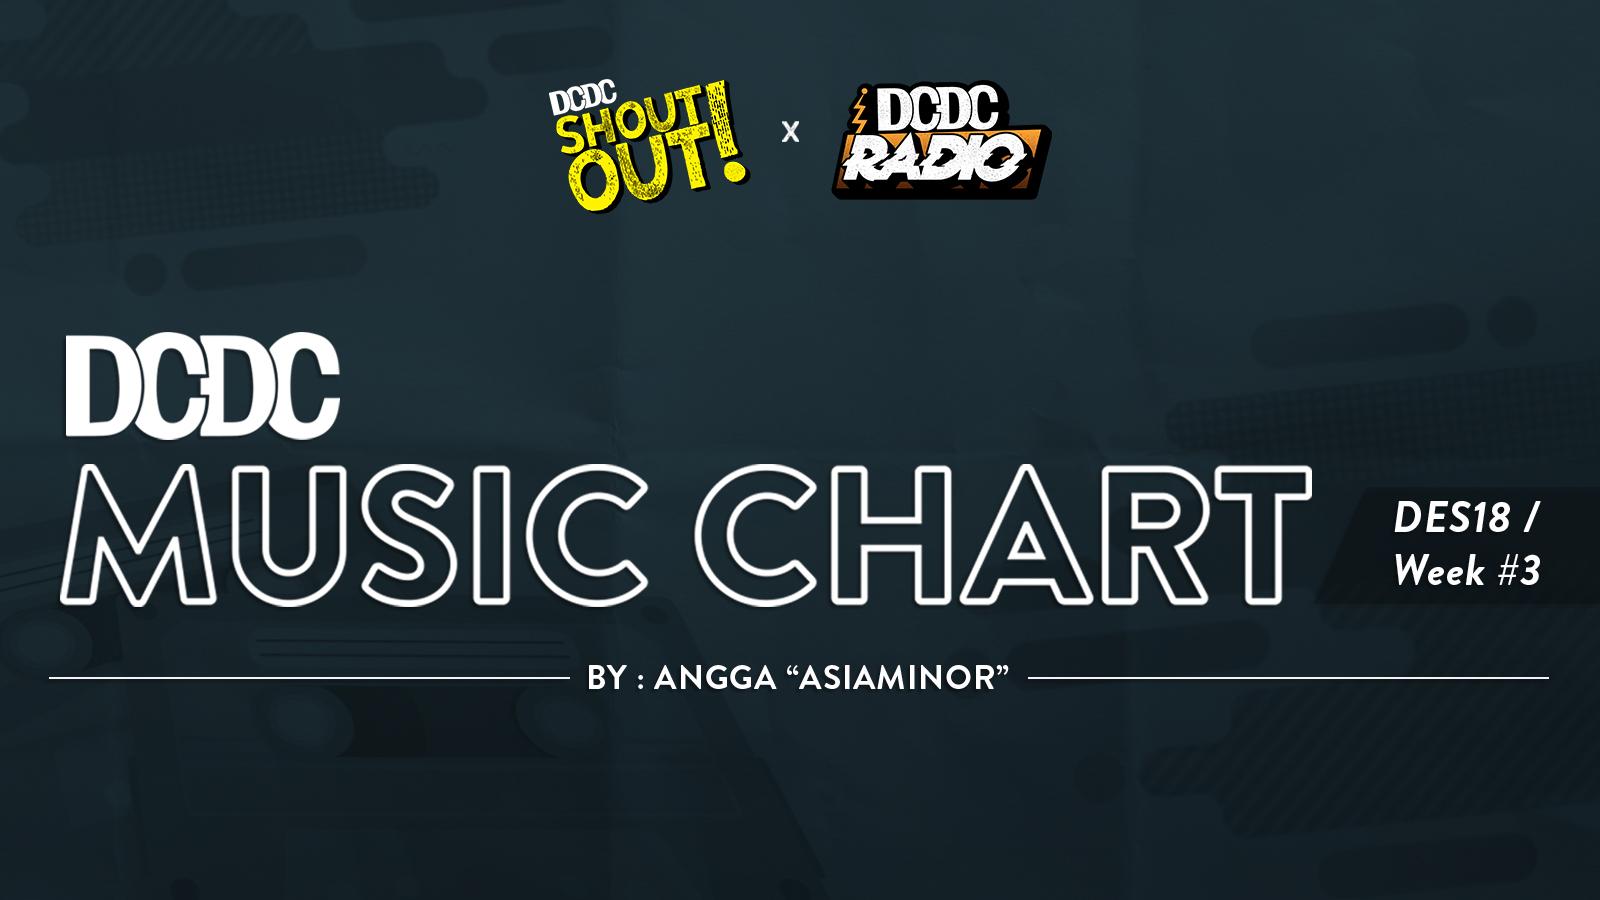 DCDC Music Chart - #3rd Week of December 2018